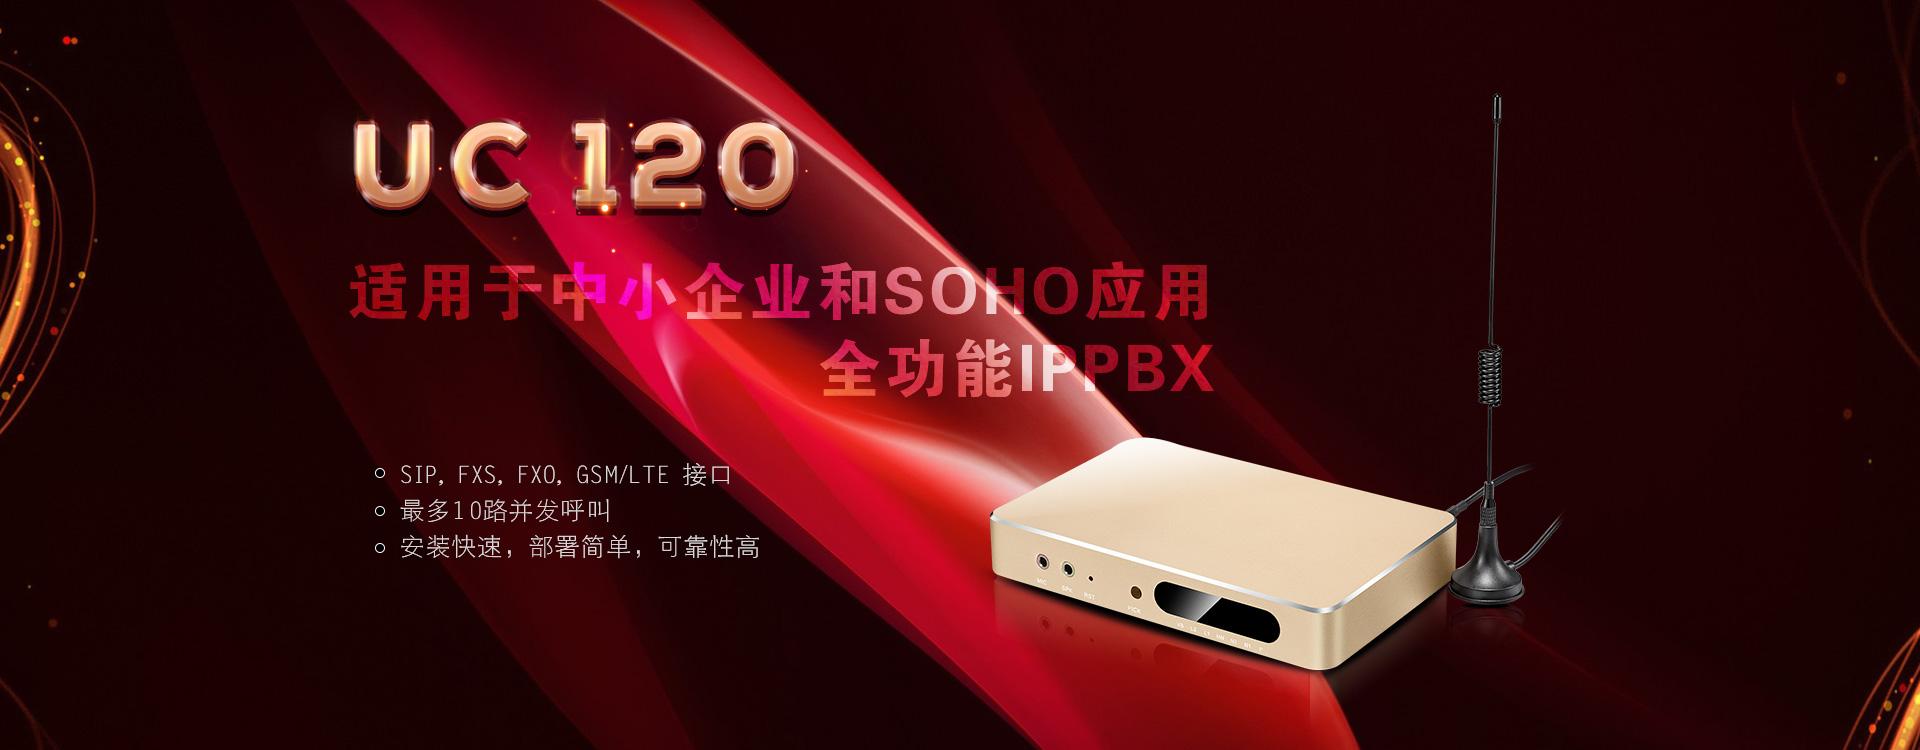 UC120-cn